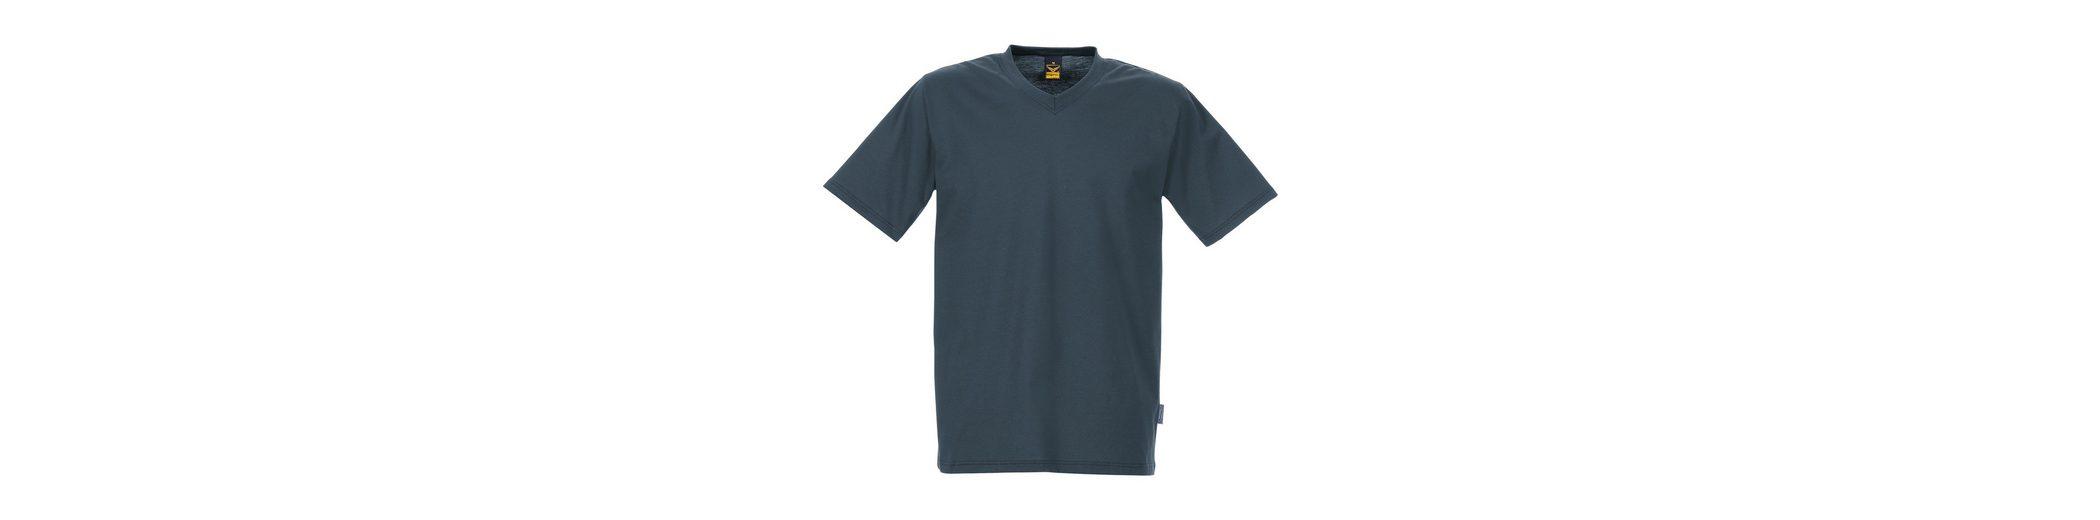 Die Günstigste Online-Verkauf TRIGEMA V-Shirt DELUXE Baumwolle Erstaunlicher Preis Starttermin Für Verkauf Billig Zum Verkauf Mit Kreditkarte Freiem Verschiffen TwzzSHq